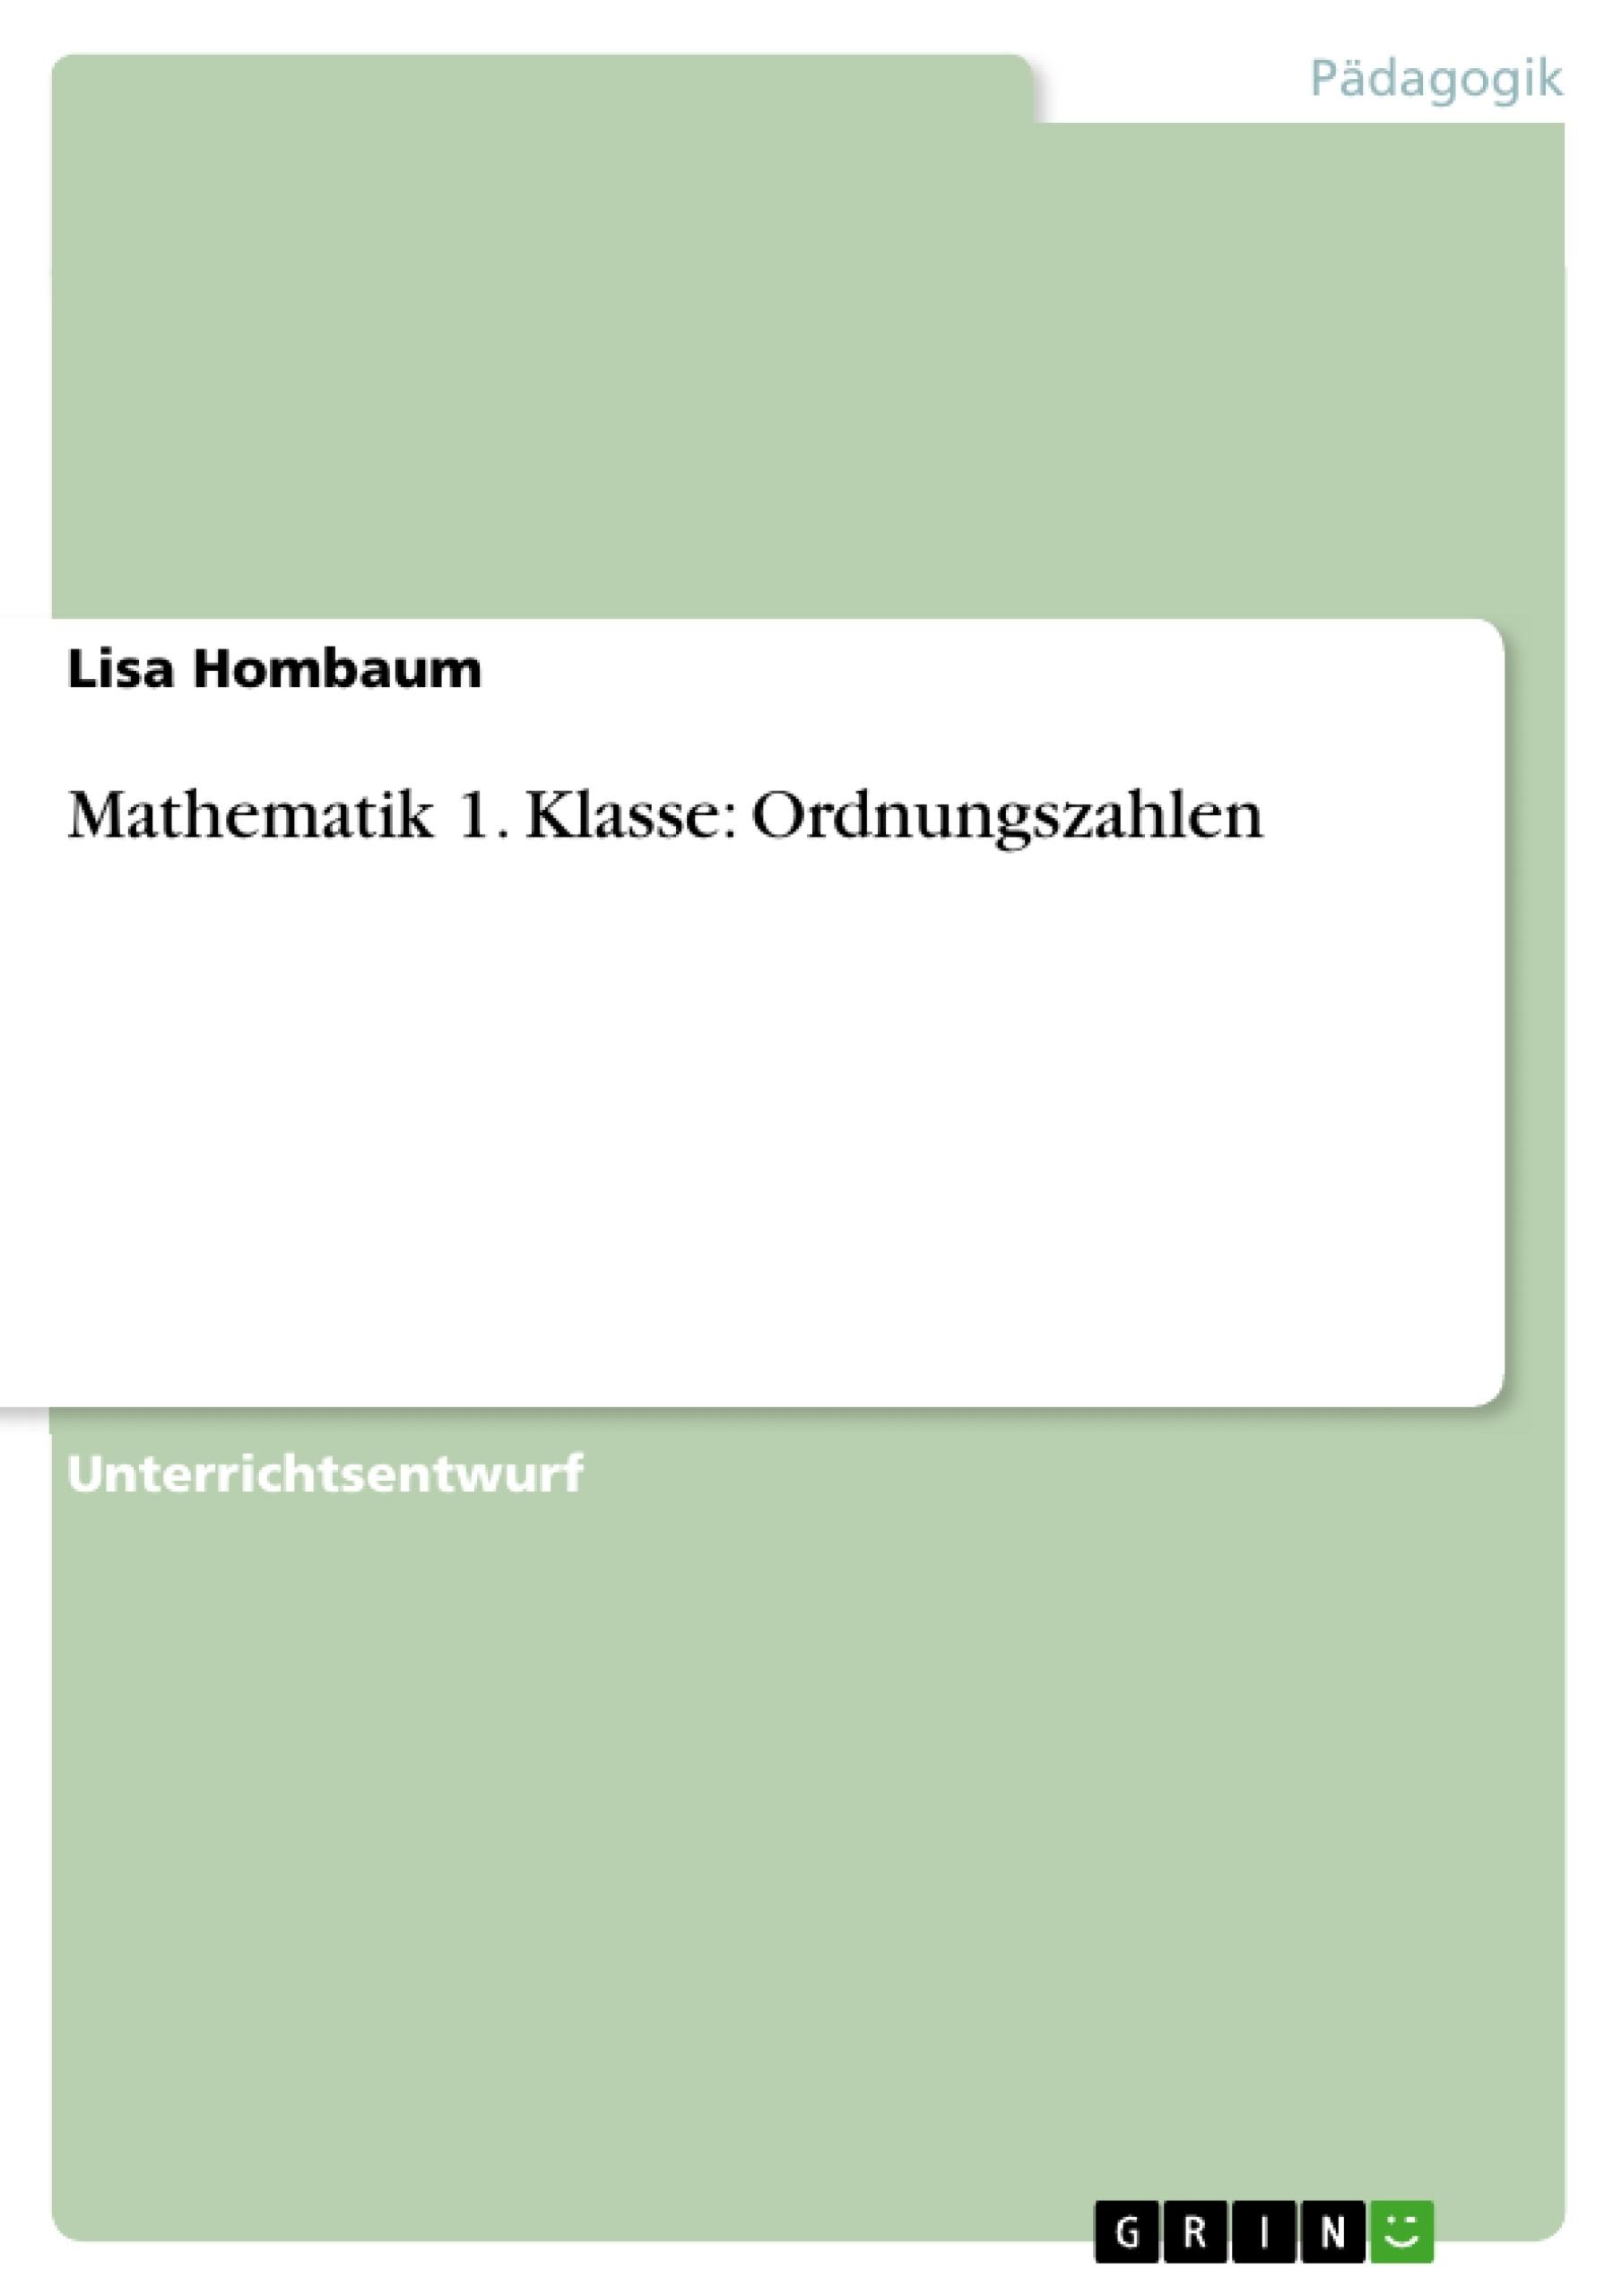 Mathematik 1. Klasse: Ordnungszahlen | Masterarbeit, Hausarbeit ...